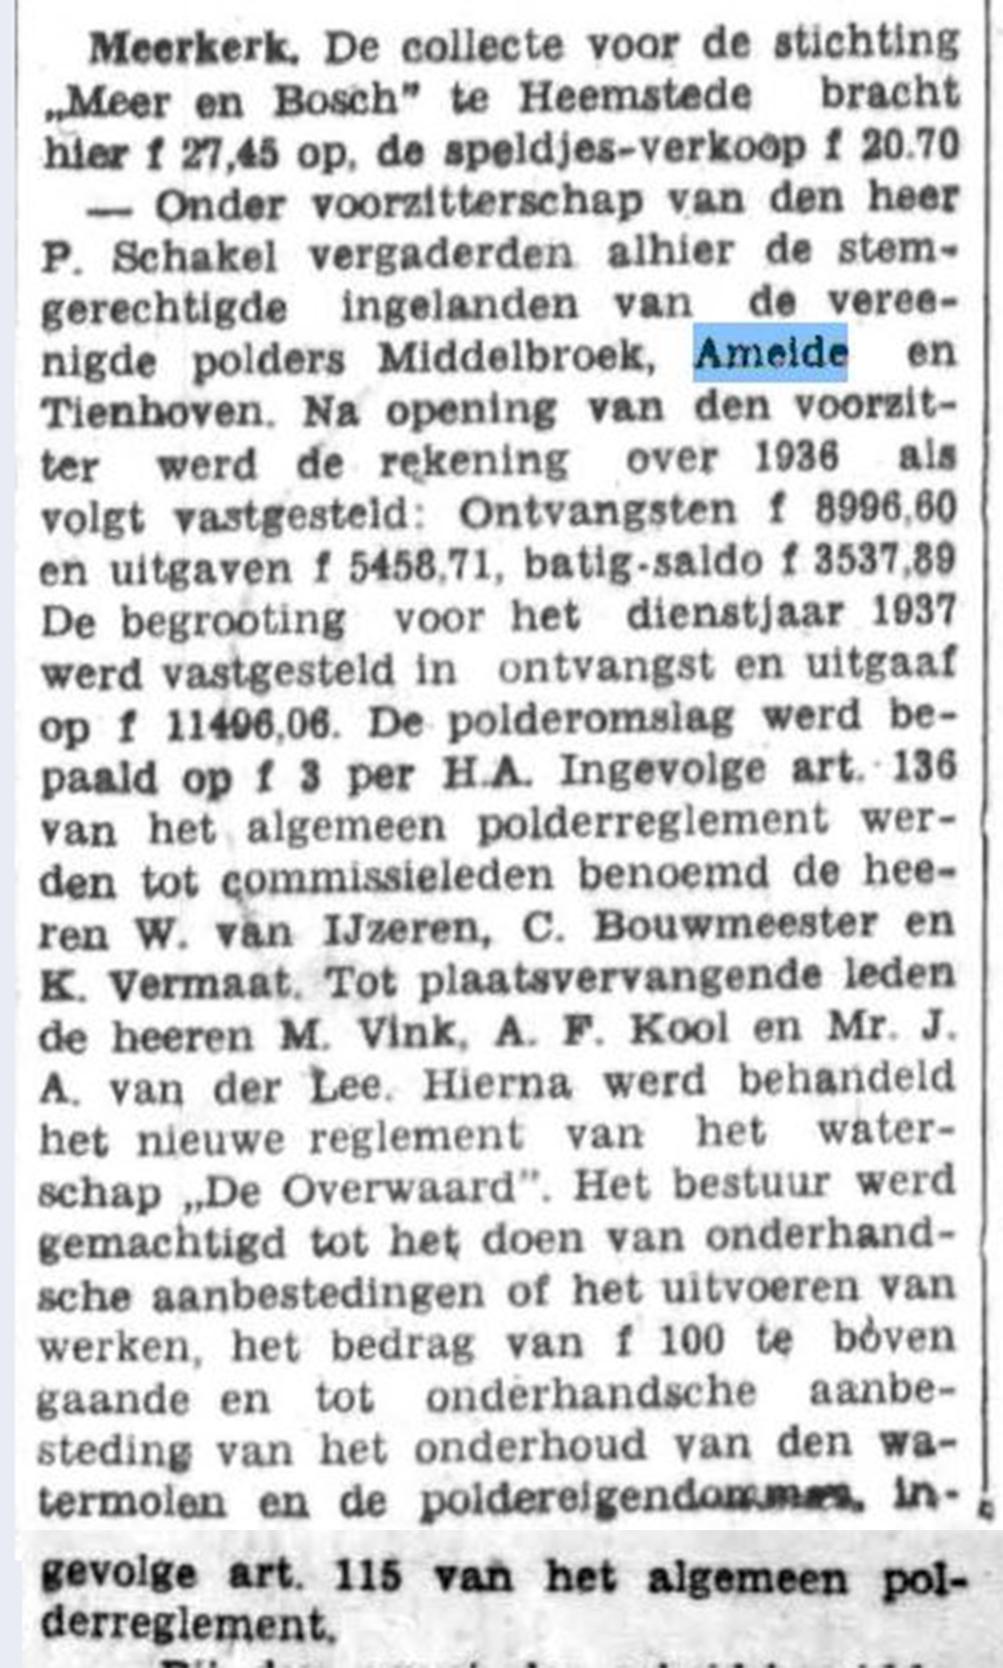 schoonhovensche-courant-06800-1937-04-23-artikel-05